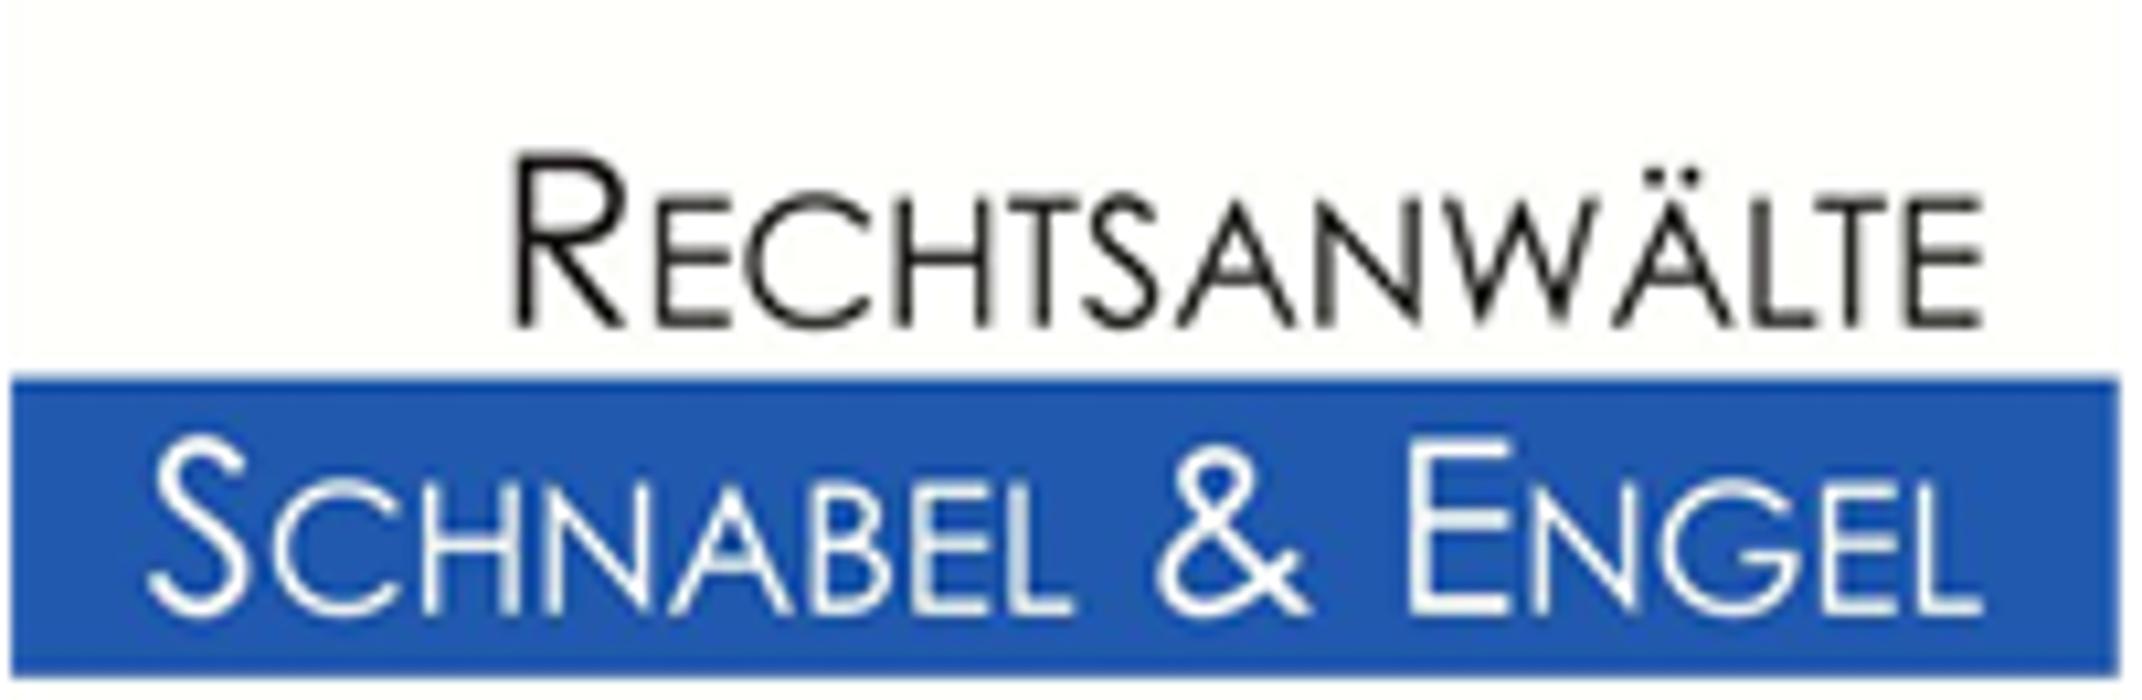 Bild zu Kanzlei Schnabel & Engel in Straubing